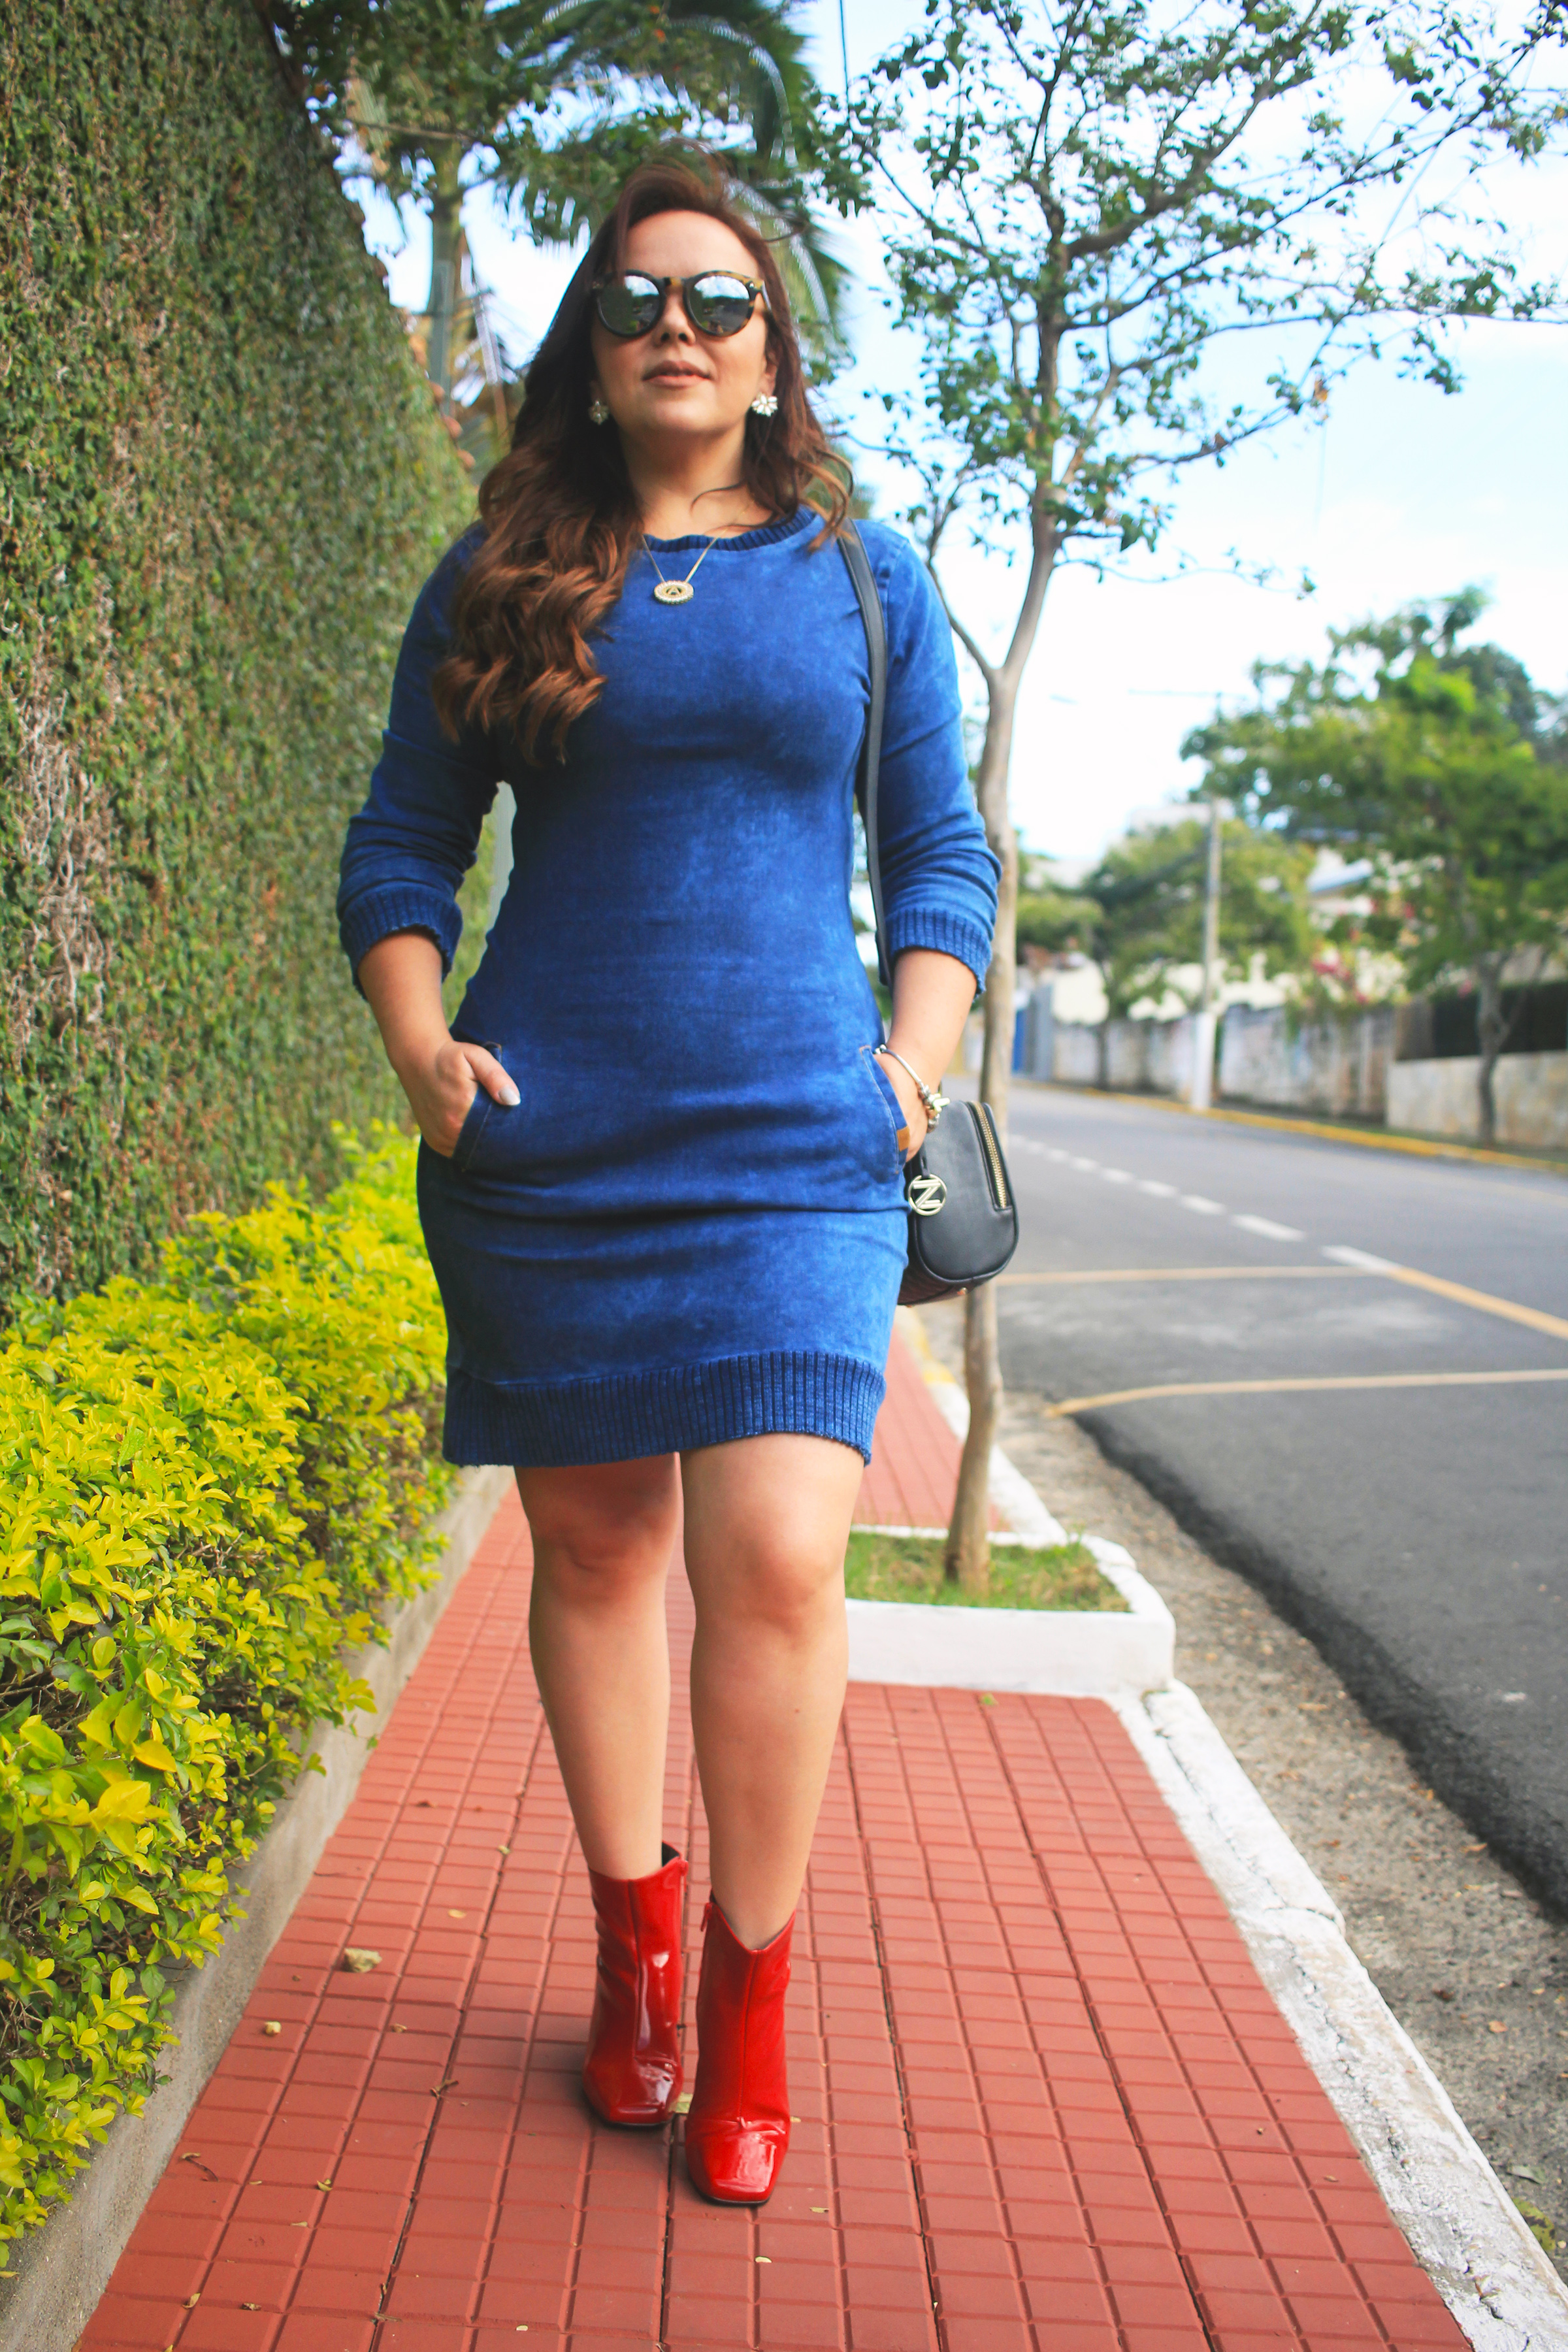 Vestido jeans com sapato vermelho